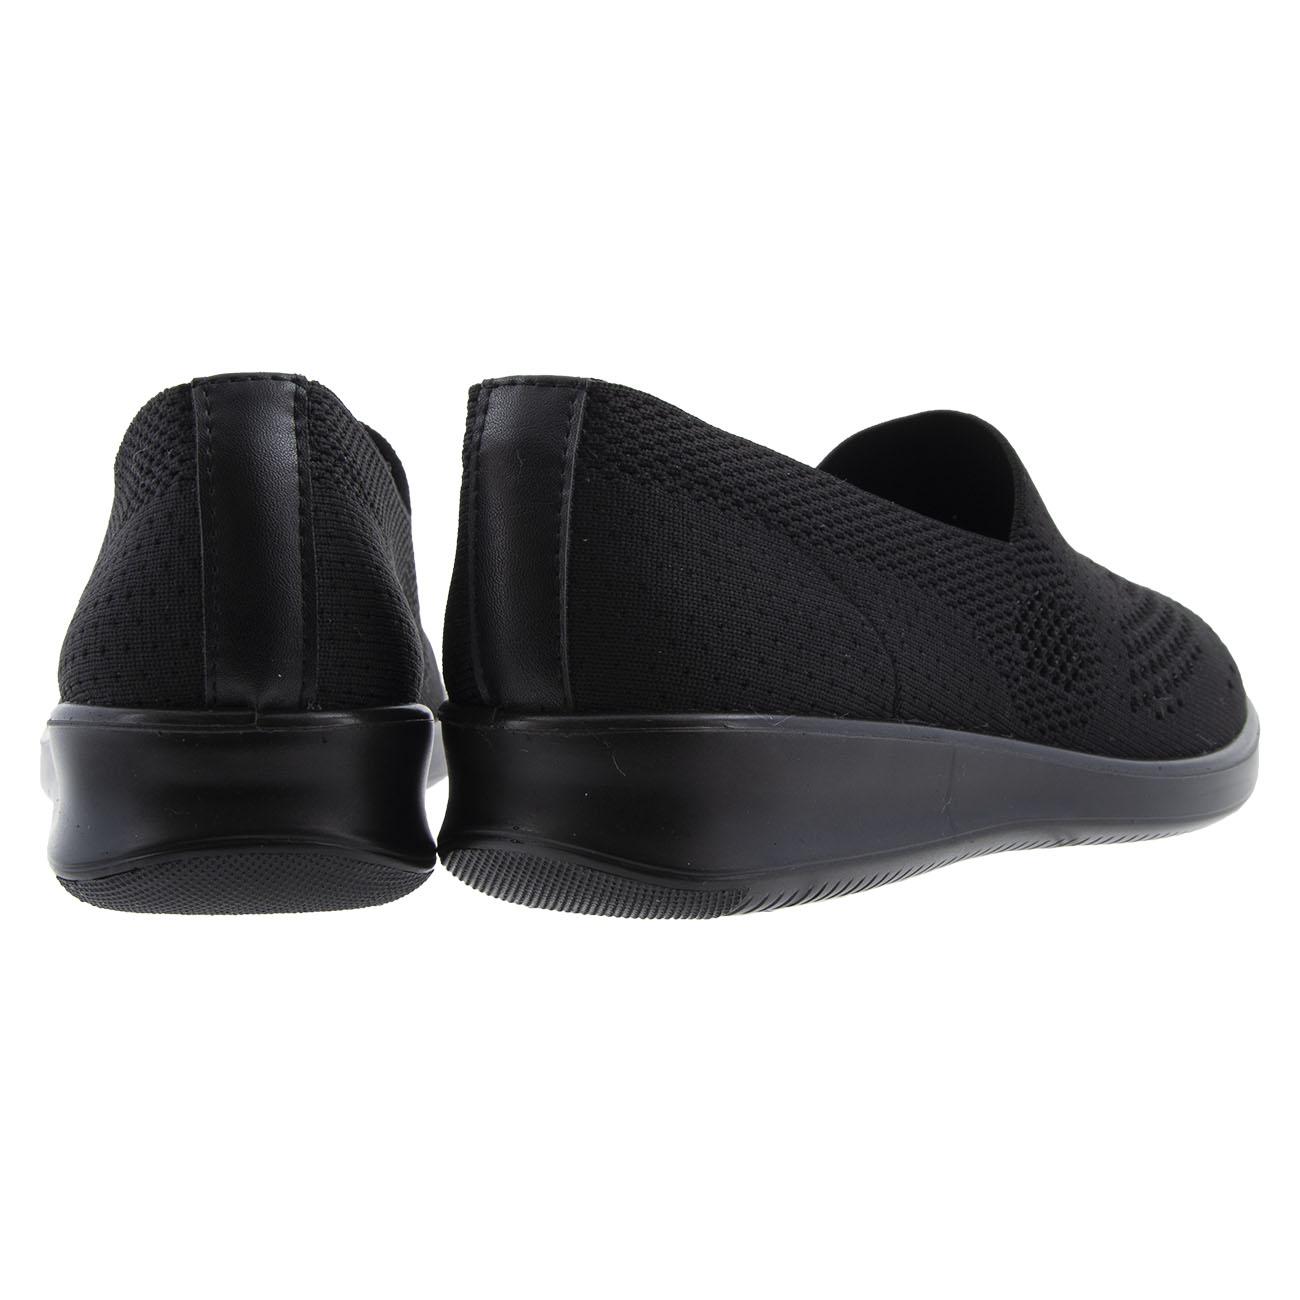 Γυναικείο casual loafer με memory foam πάτο ελαστικό ANTRIN DORA-140